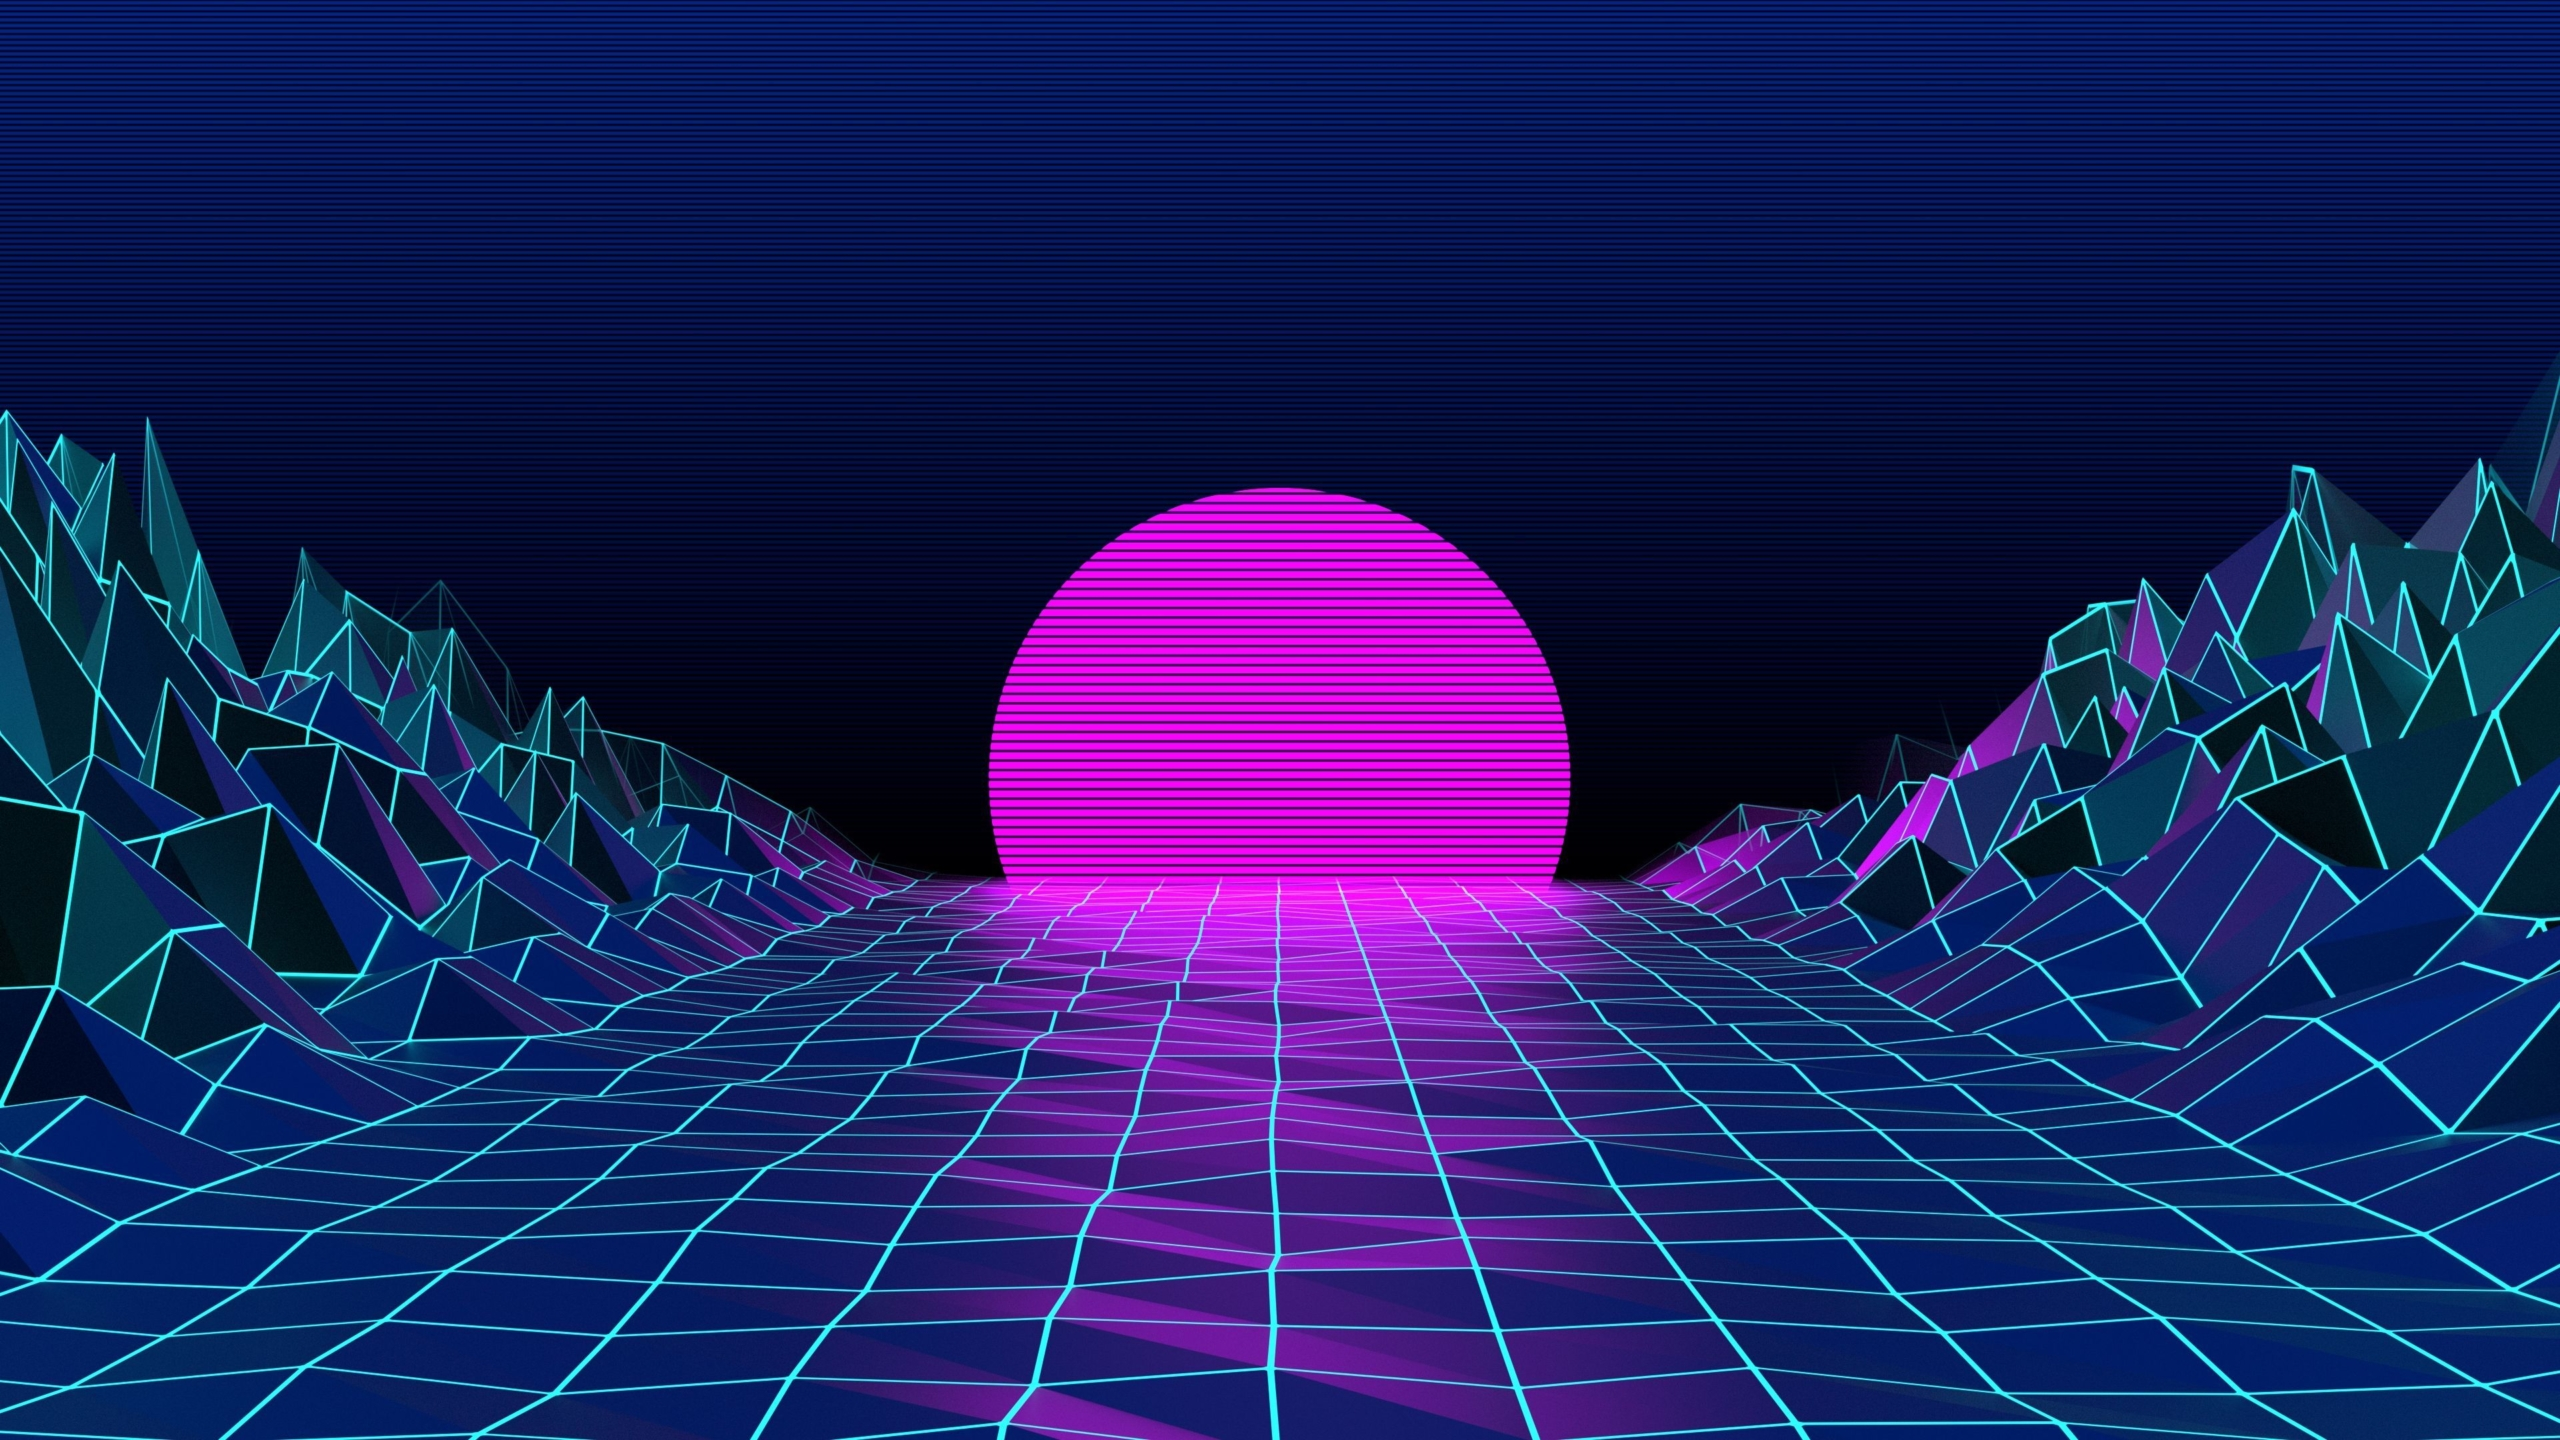 80's Retro Wallpaper